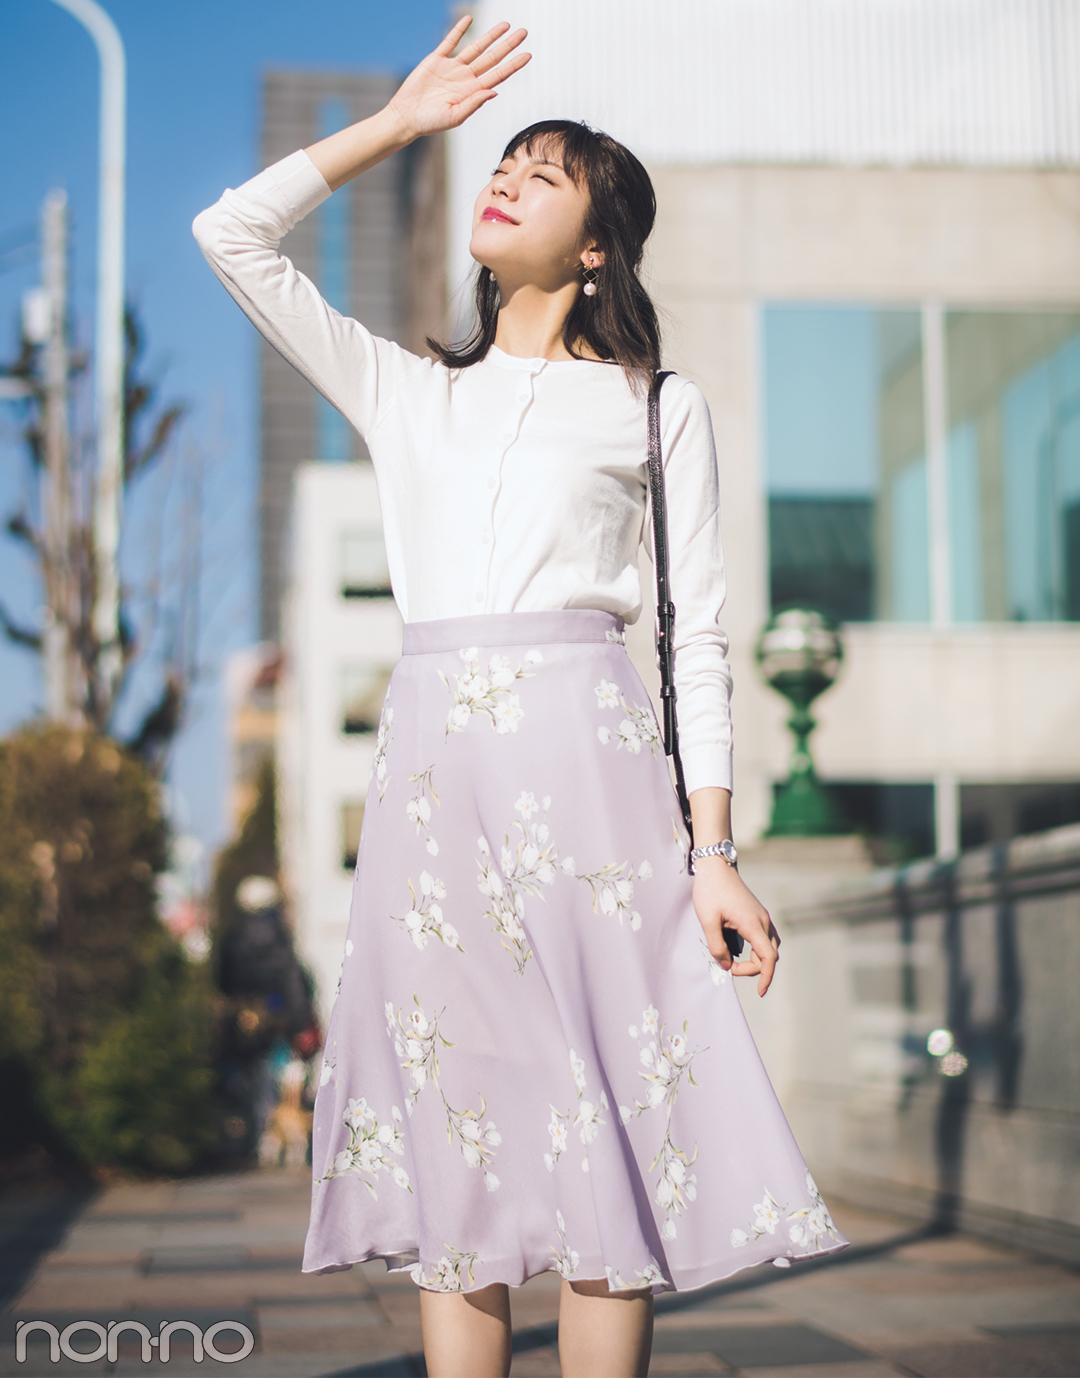 【花柄スカートコーデ】華やかな花柄スカートは白カーデで清楚に♡